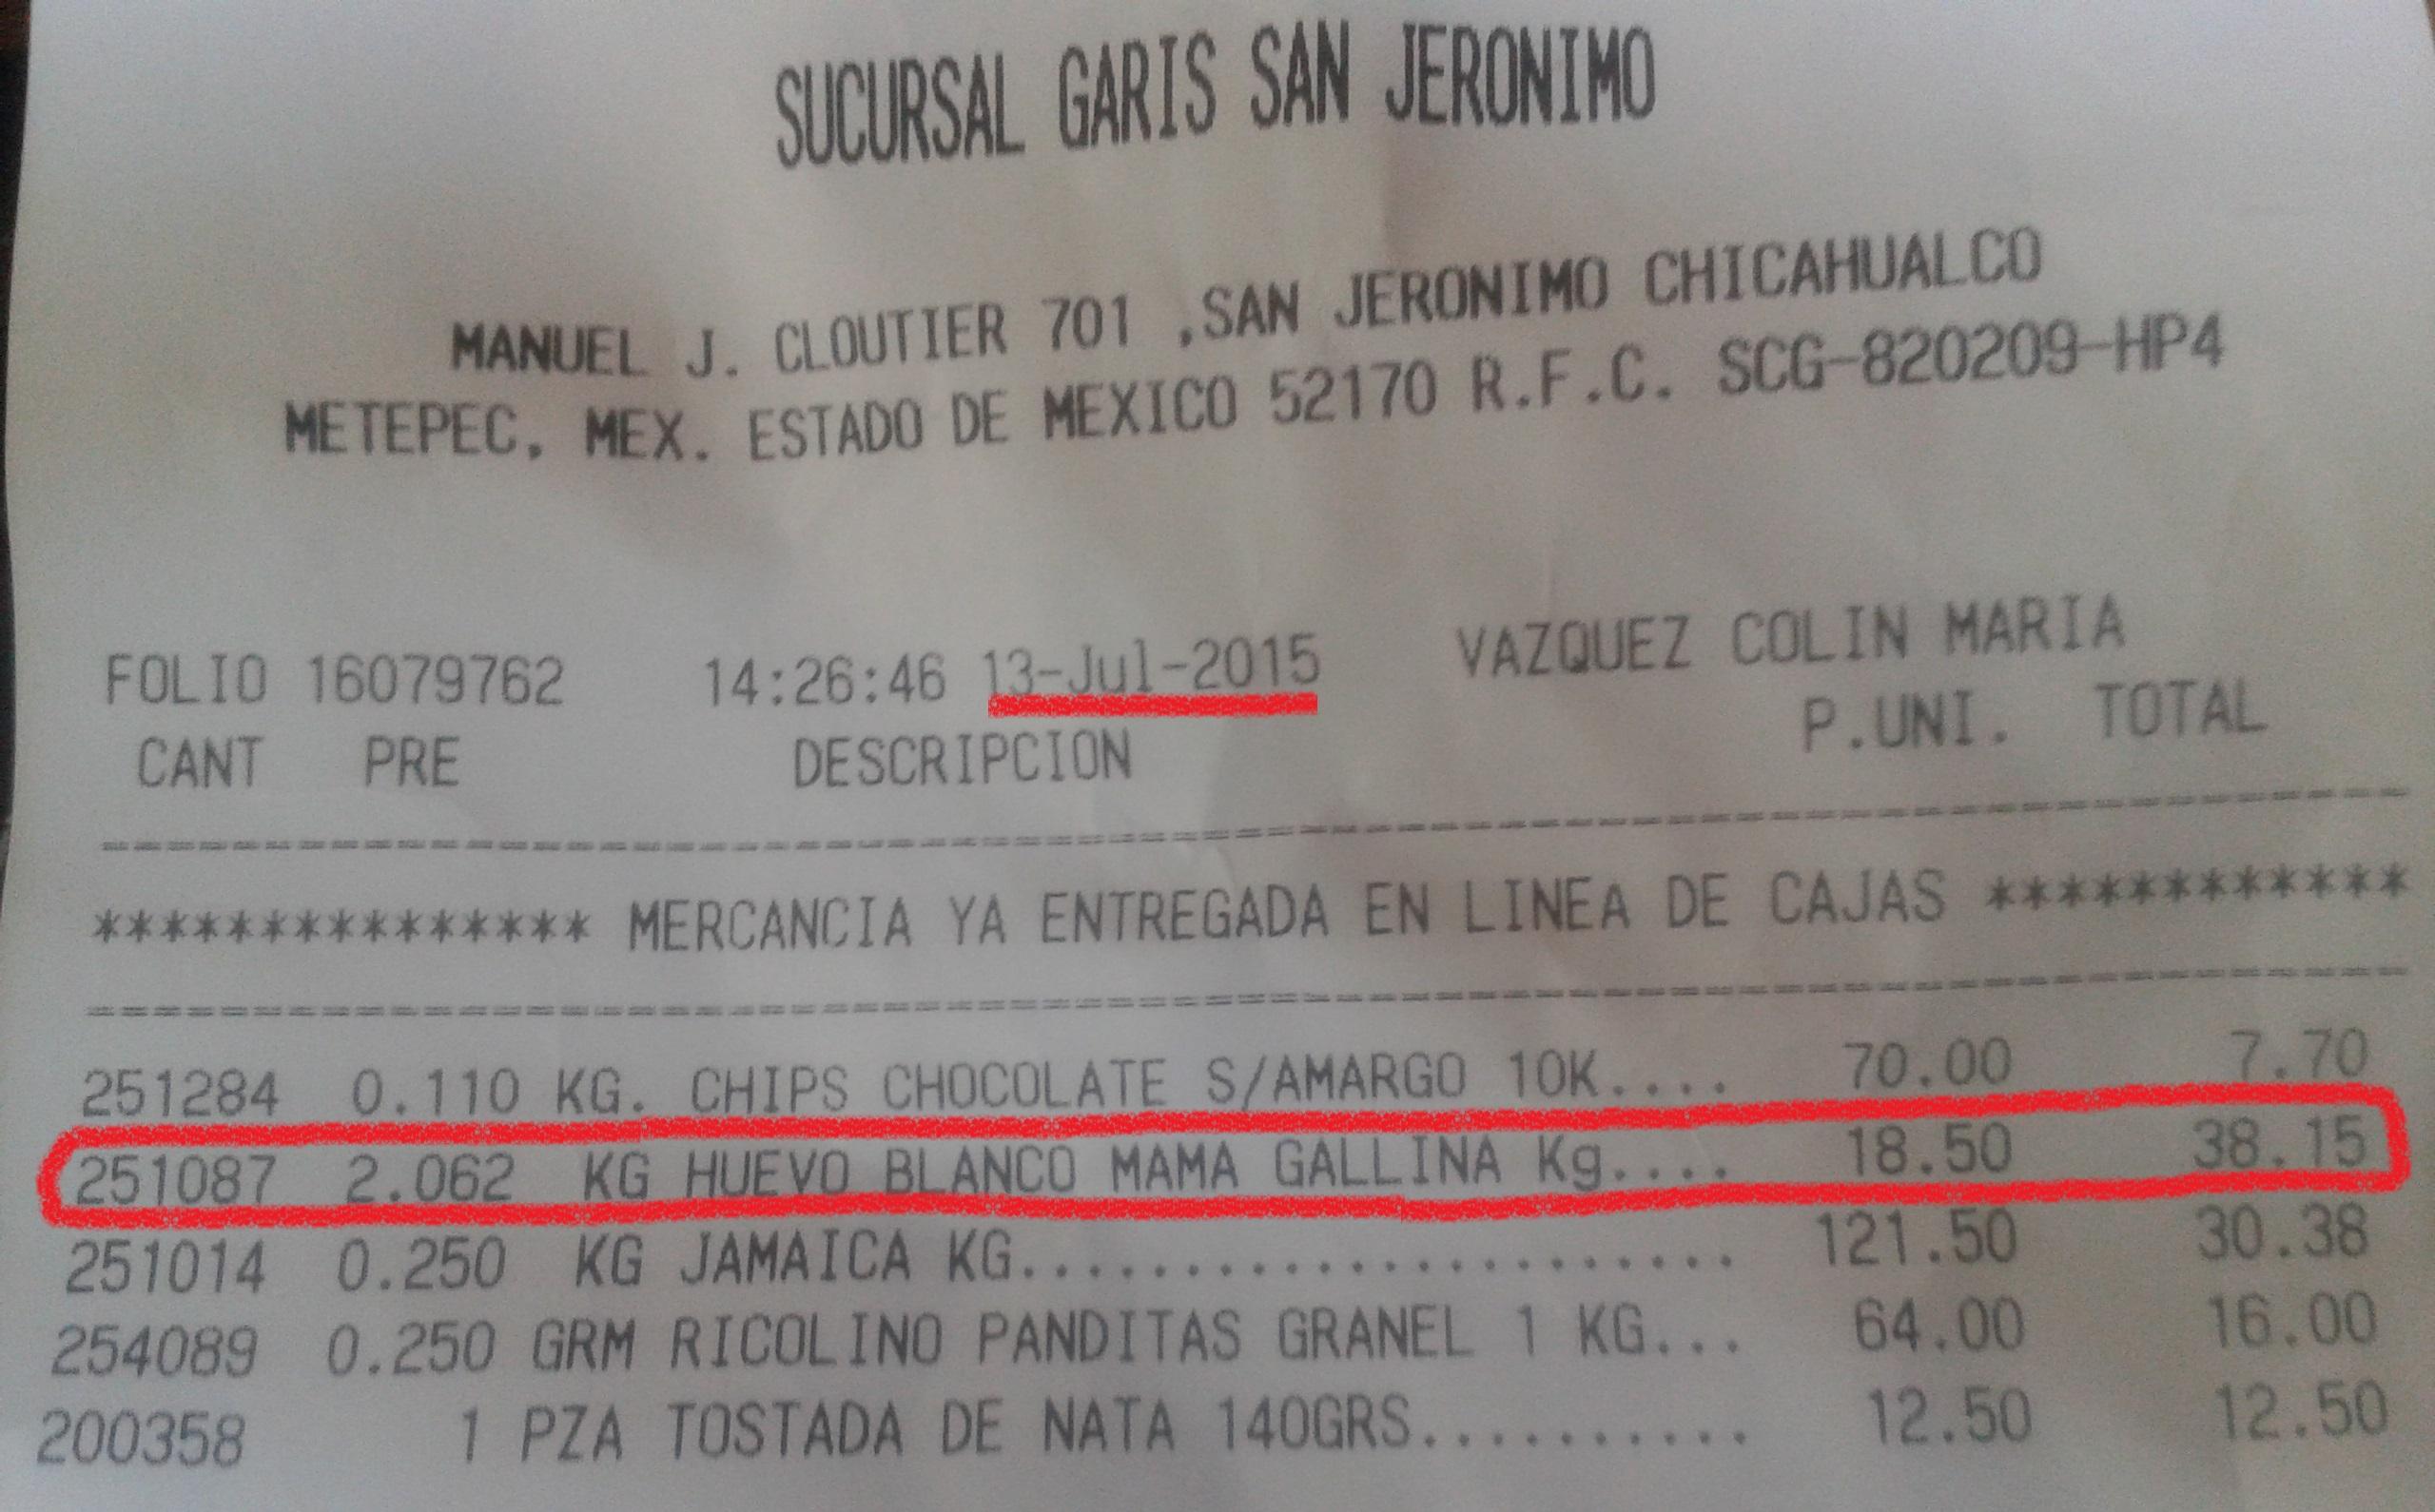 TIENDAS GARIS: KG DE HUEVO BLANCO/ROJO $18.50